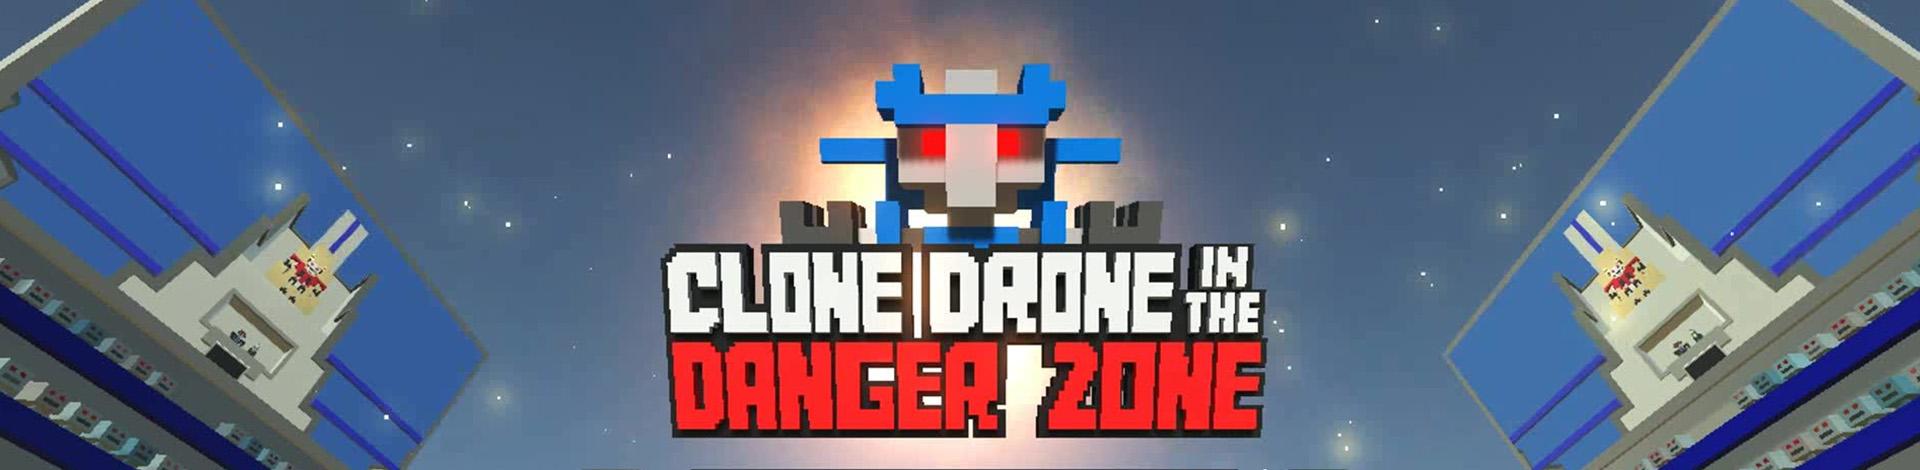 52z飞翔小编整理了【机器人角斗场·游戏合集】,提供机器人角斗场单机游戏未加密版、Clone Drone in the Danger Zone完美汉化版/豪华破解版/绿色免安装版下载。这是一款第三人称刀剑格斗游戏,玩家将控制一名机器人参加战斗,进入角斗场,坚持到最后,当然越到后面你的敌人就会越强大。值得一提的是游戏还加入了简单的解说和非常细致的场景。